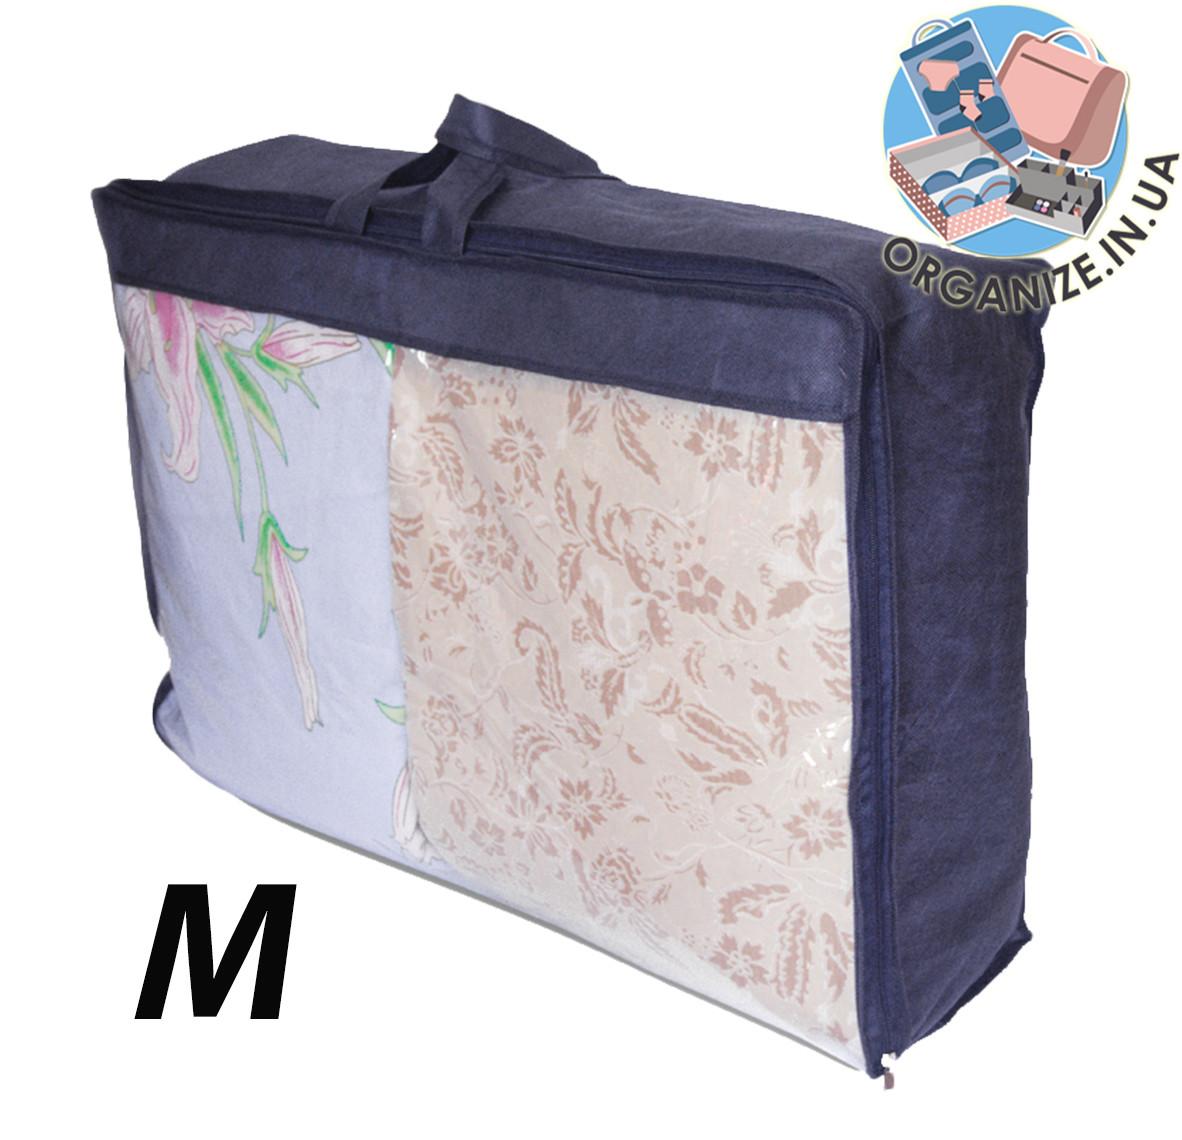 Сумка-упаковка для одеяла и вещей M (синий)